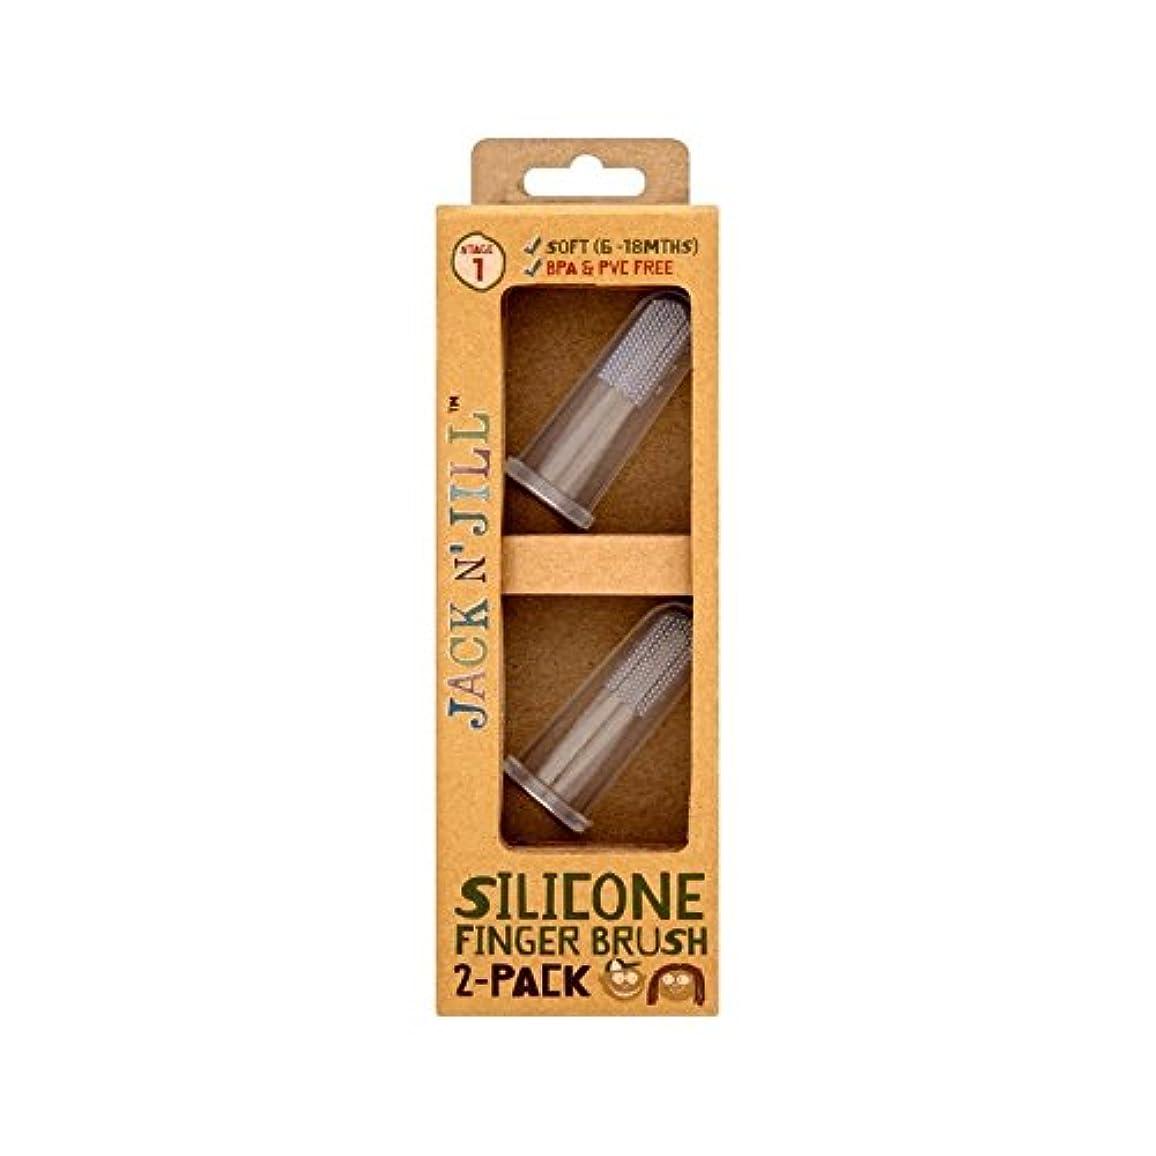 通り薄汚い問題シリコーン指ブラシ2パックあたりパック2 (Jack N Jill) (x 2) - Jack N' Jill Silicone Finger Brush 2 Pack 2 per pack (Pack of 2) [並行輸入品]